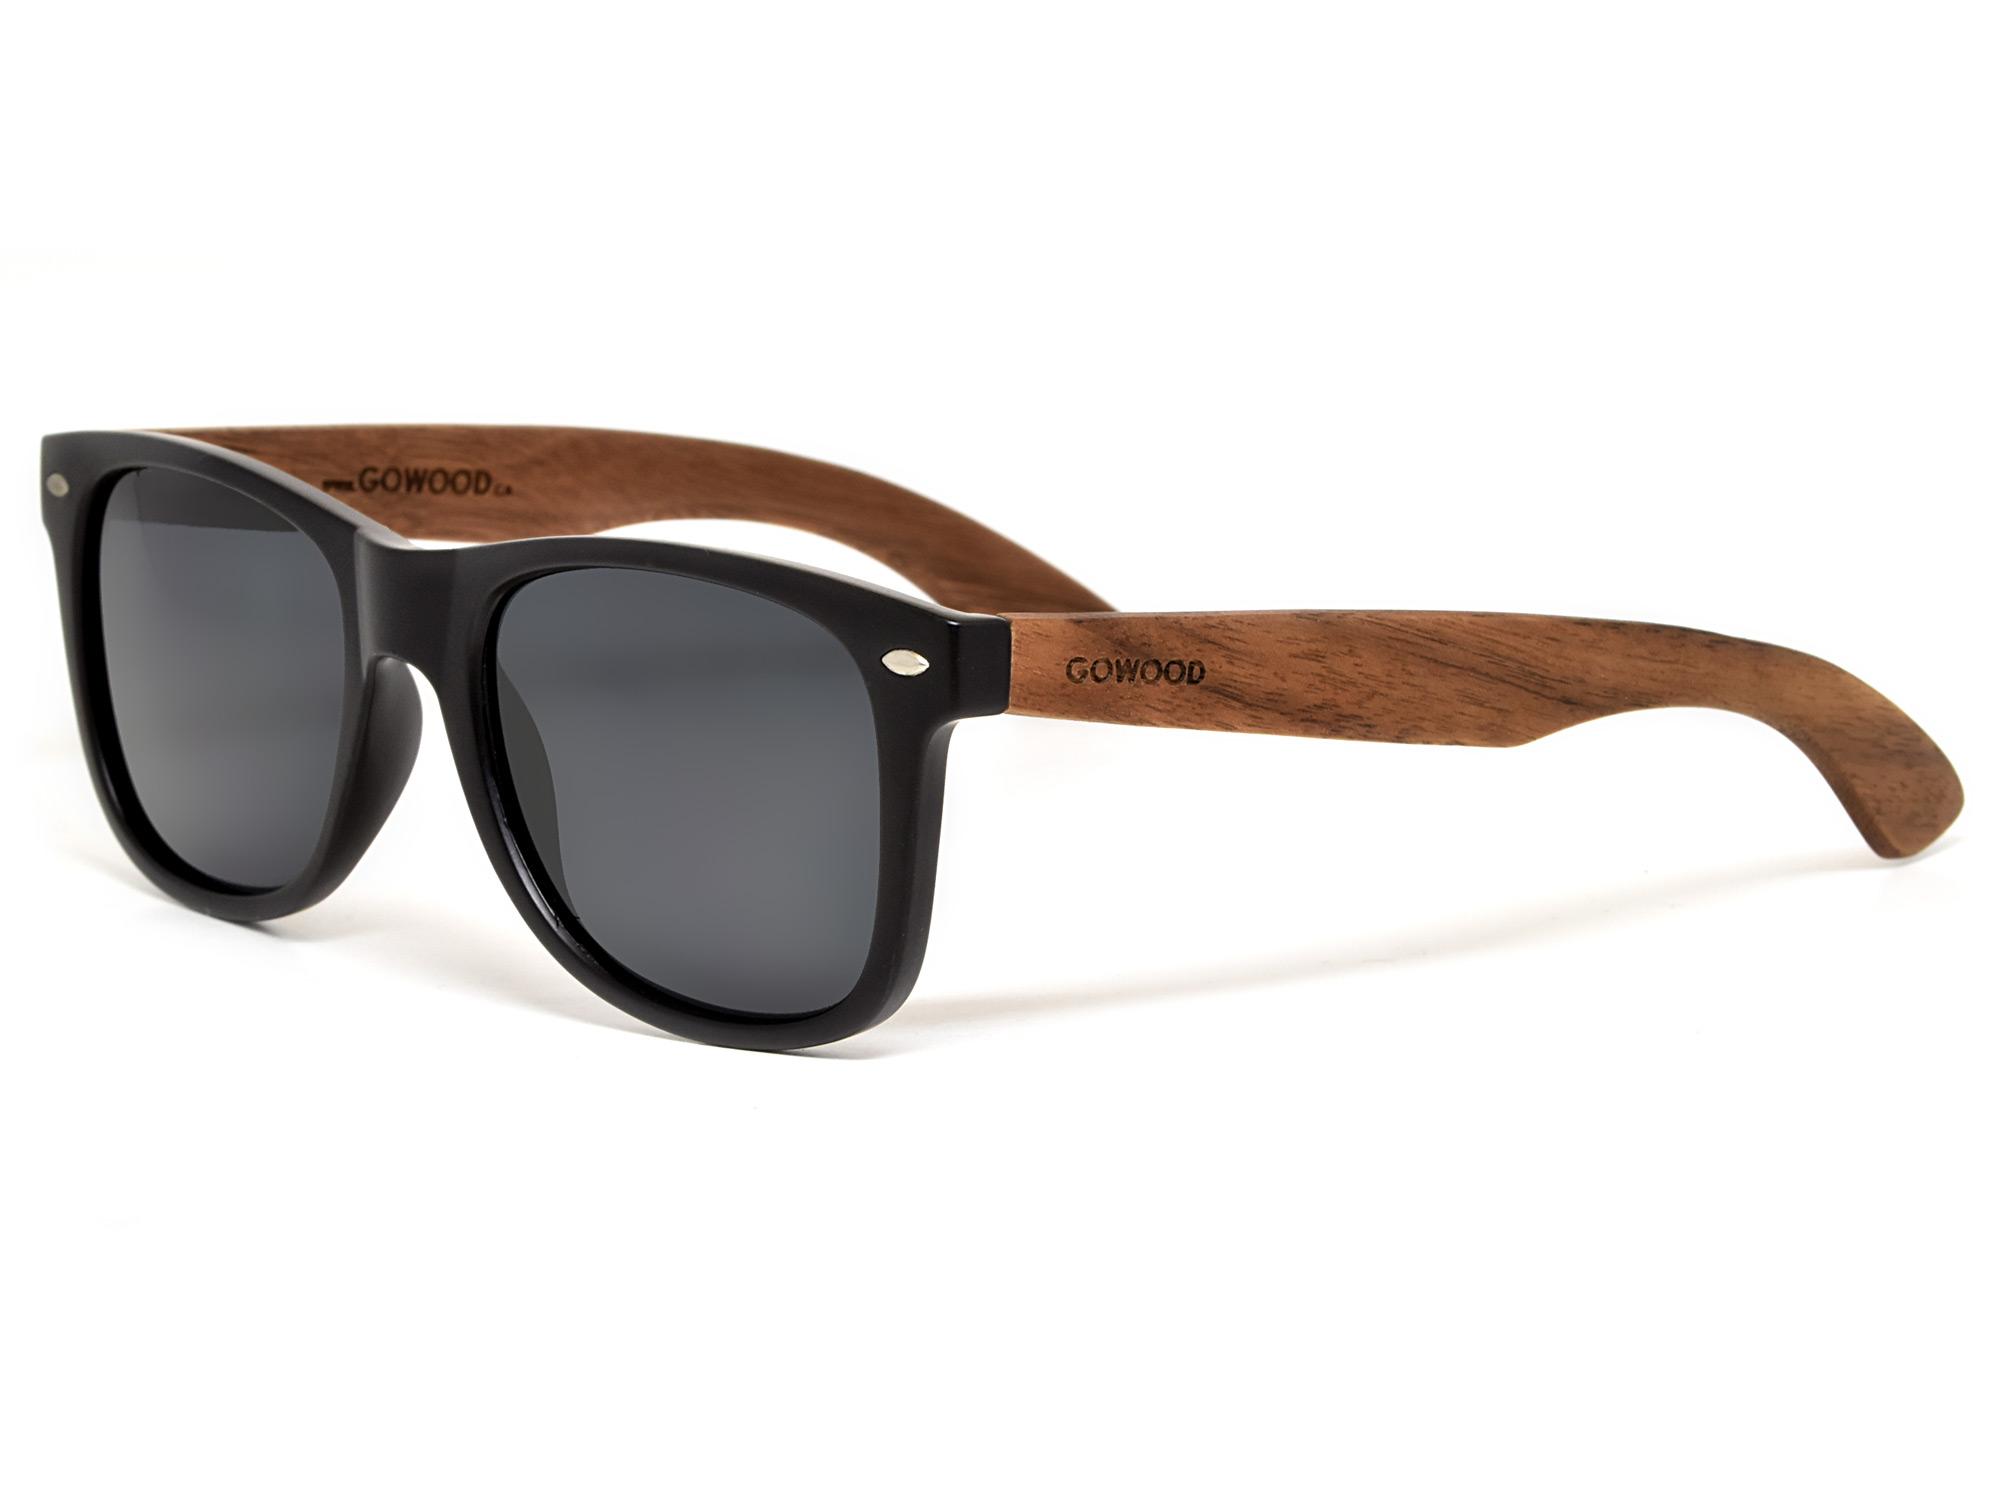 Walnut wood sunglasses with black polarized lenses